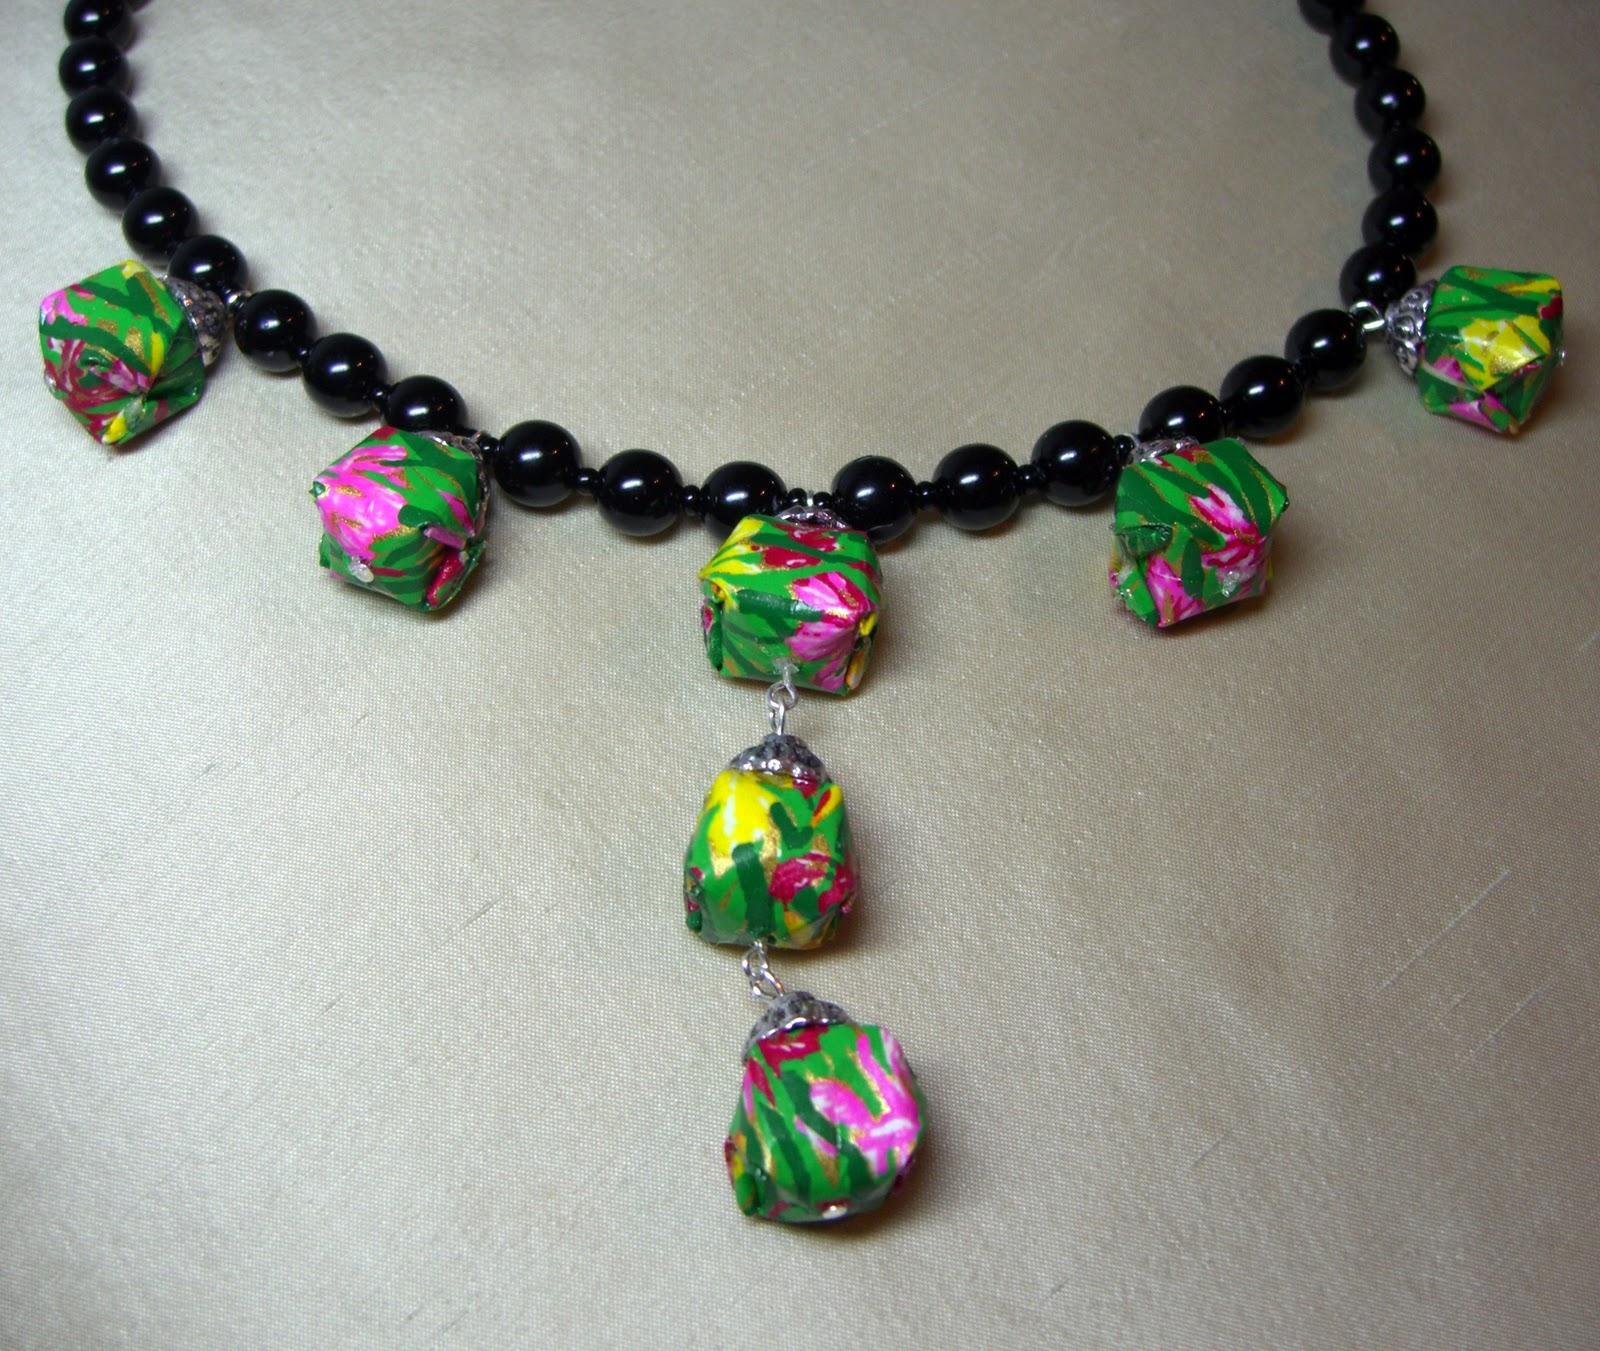 Kitty+Stitch: Origami Jewellery - photo#29